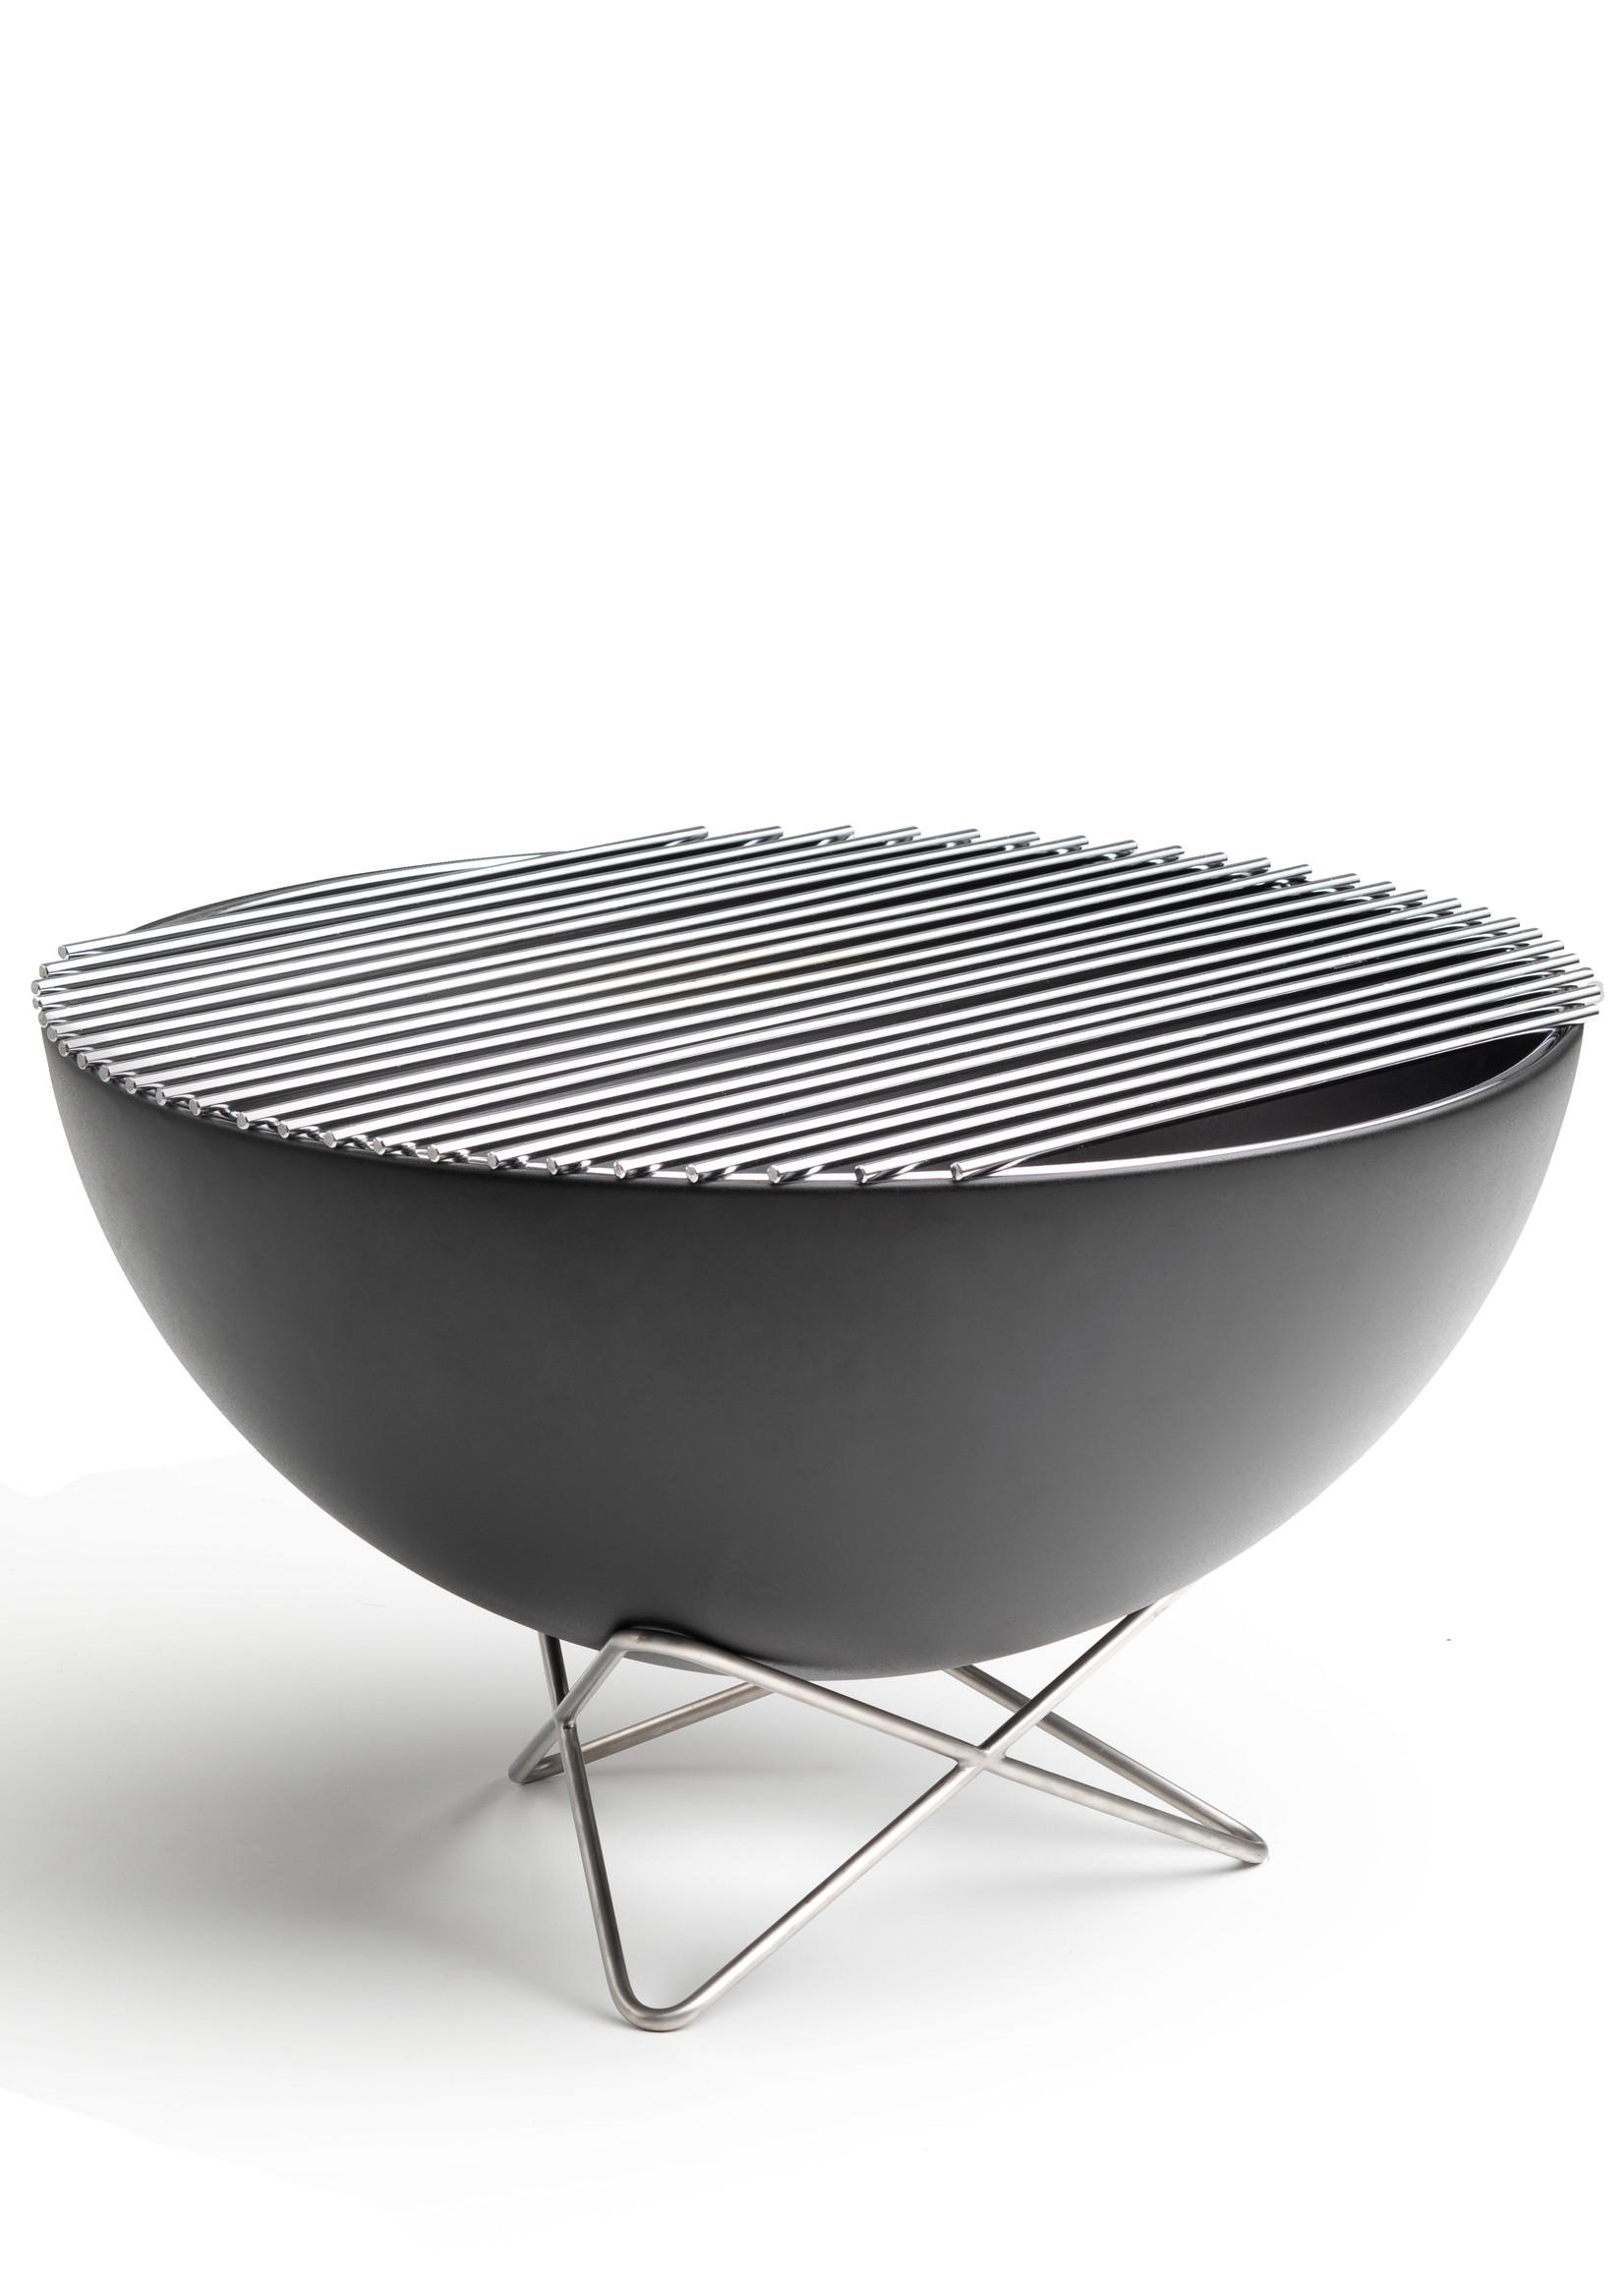 Höfats Bowl Vuurschaal Grillrooster dia 57 cm